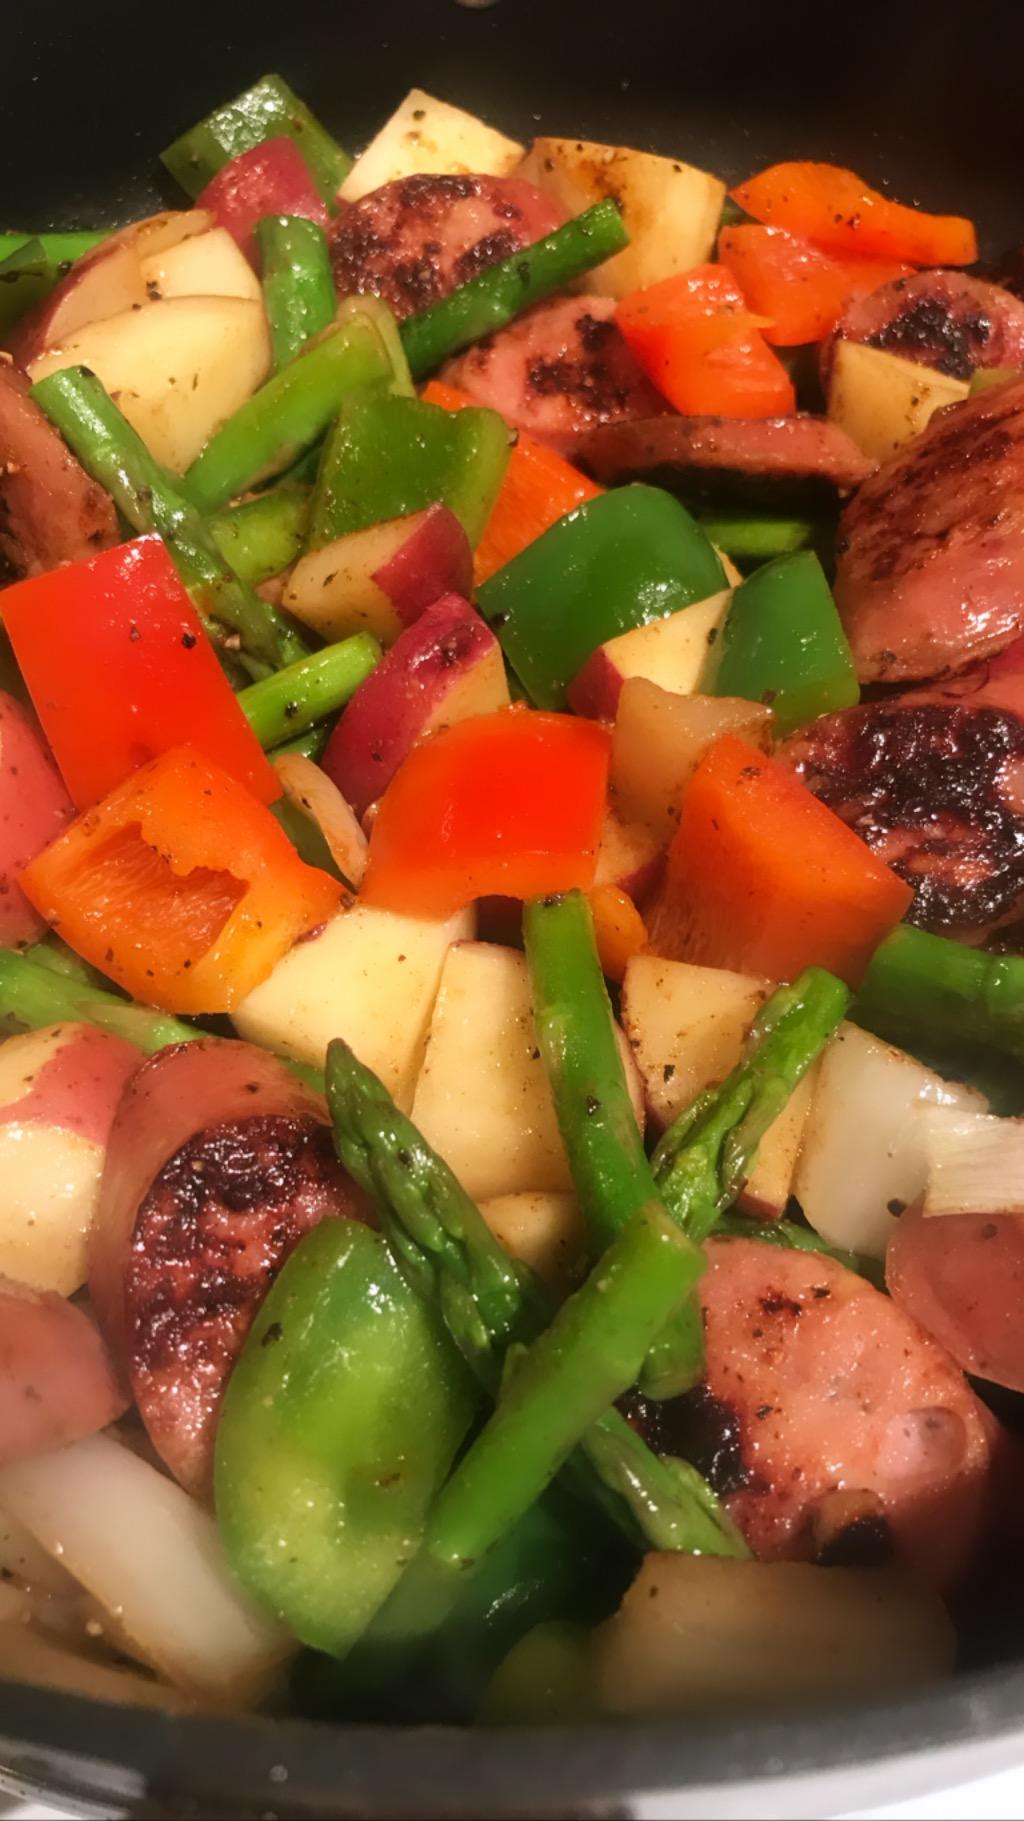 Chicken Apple Sausage Skillet - Wednesday Night Dinner!